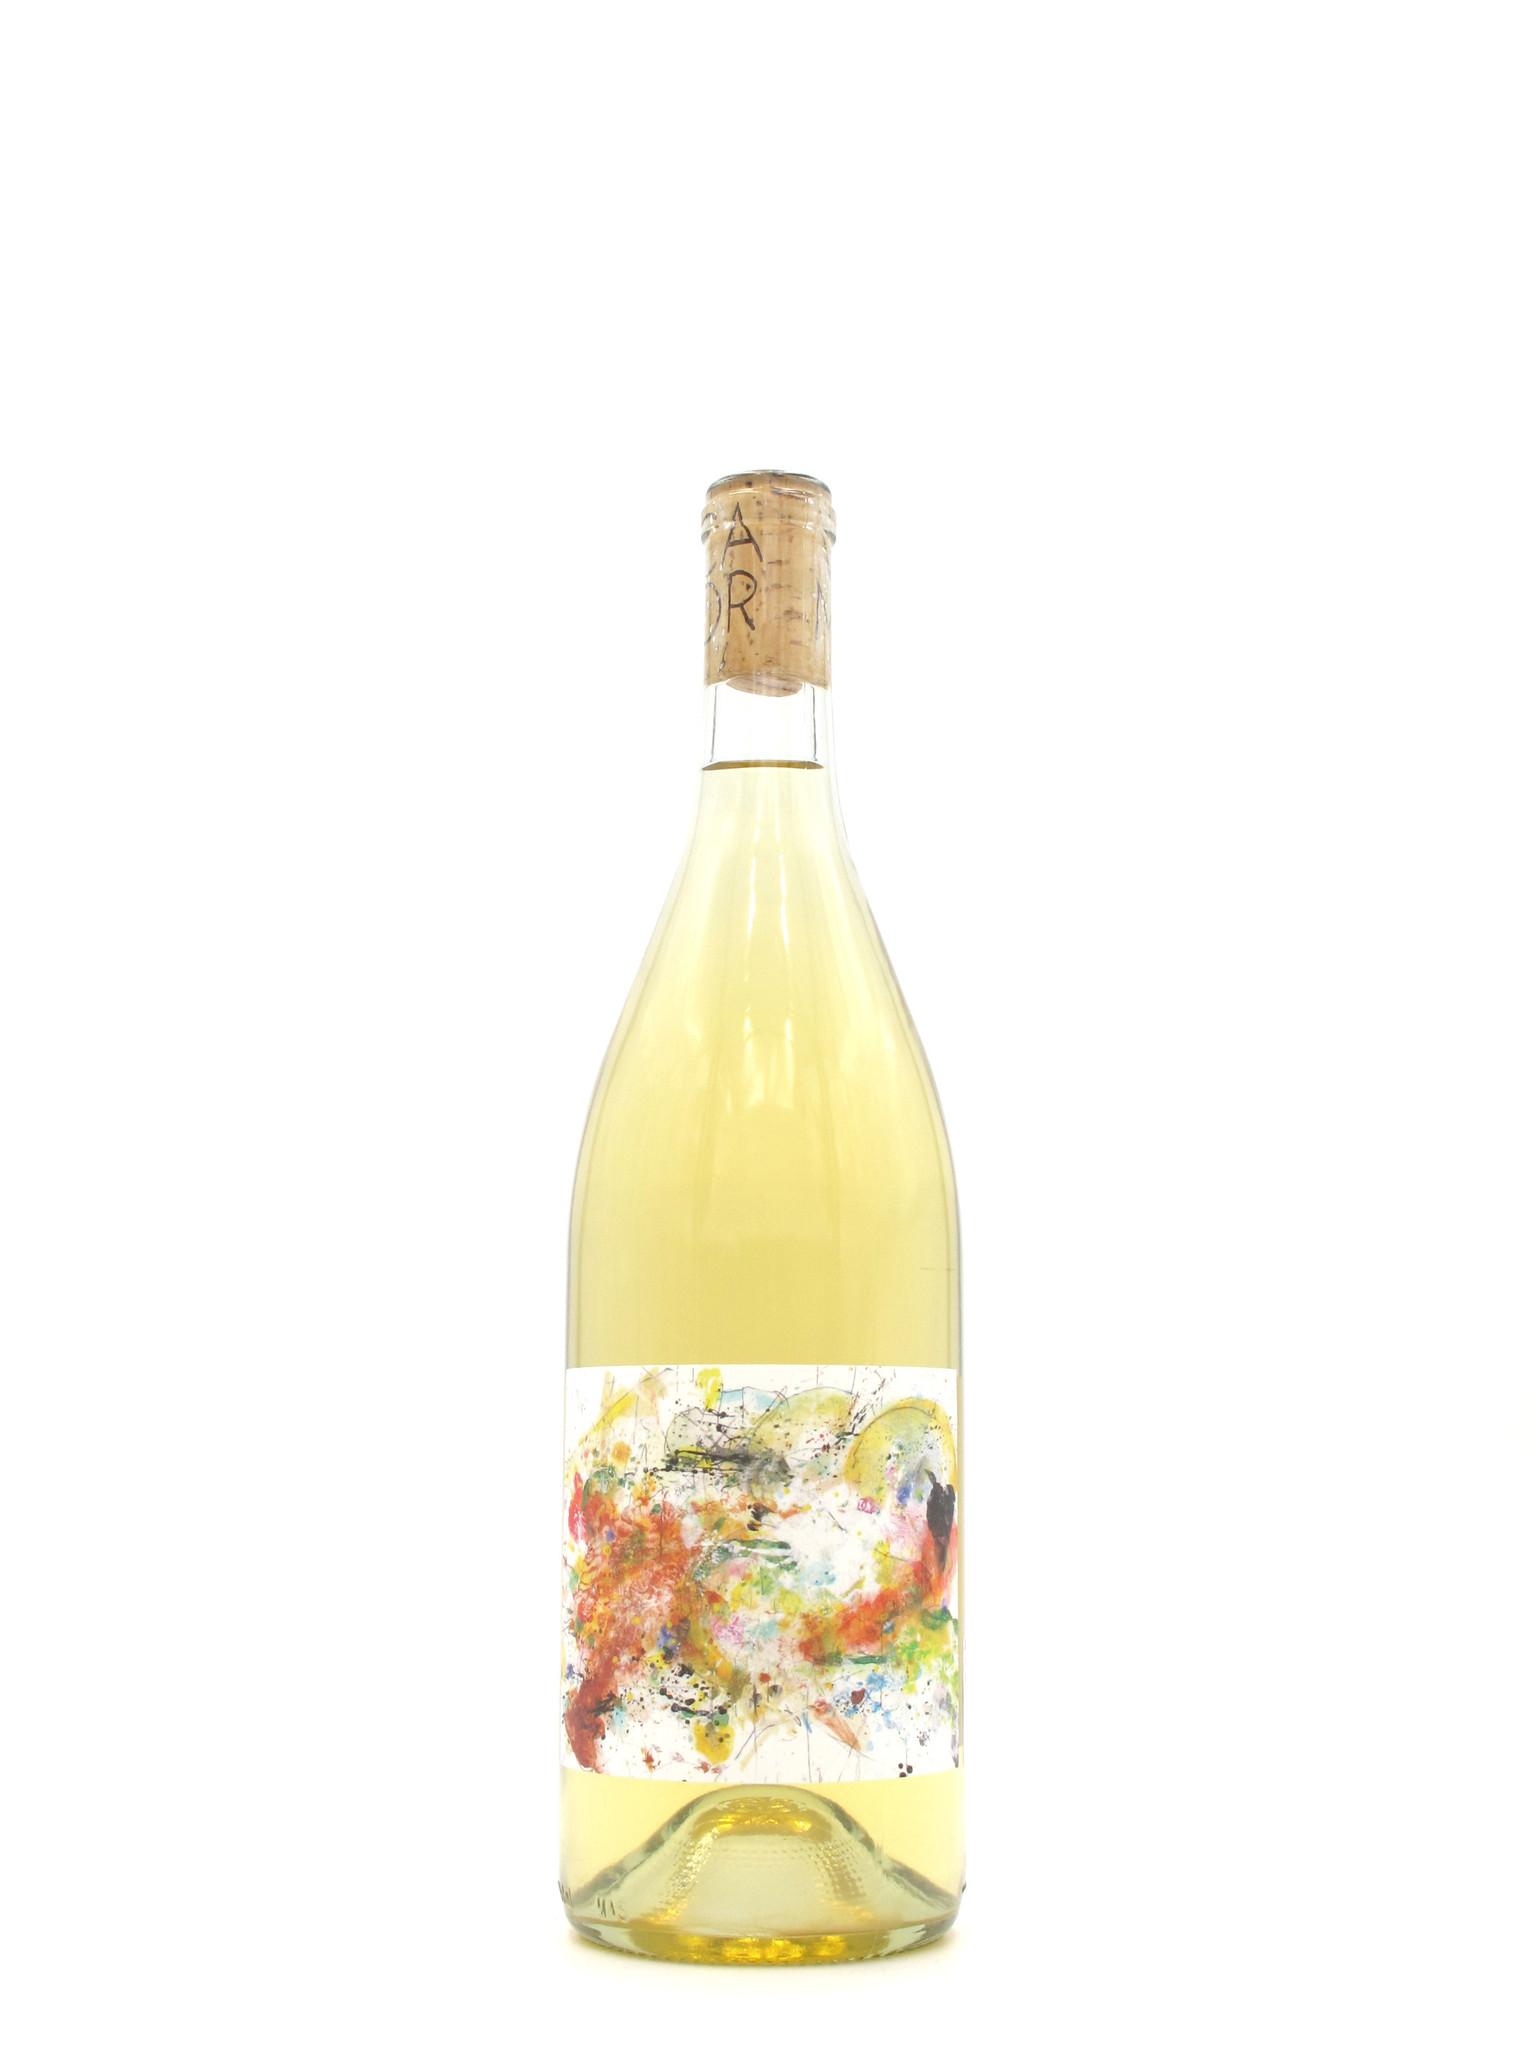 Vinca Minor 2019 Vinca Minor 'Mendocino White Wine' 750ml